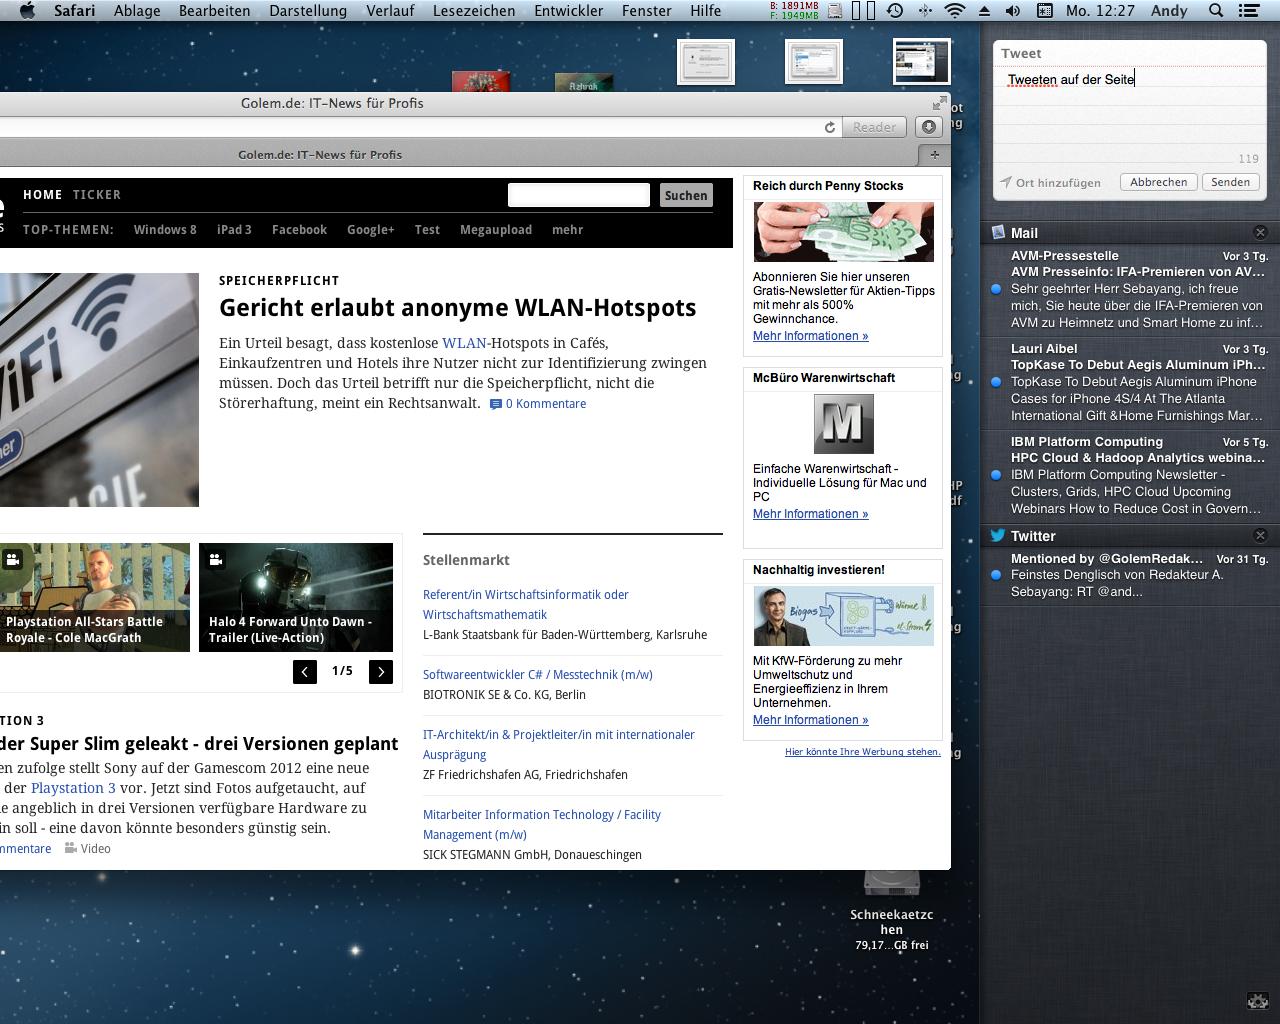 Mac OS X 10.8 Mountain Lion im Test: Apples Desktop-iOS mit komplizierter iCloud - Twitter ist direkt integriert.